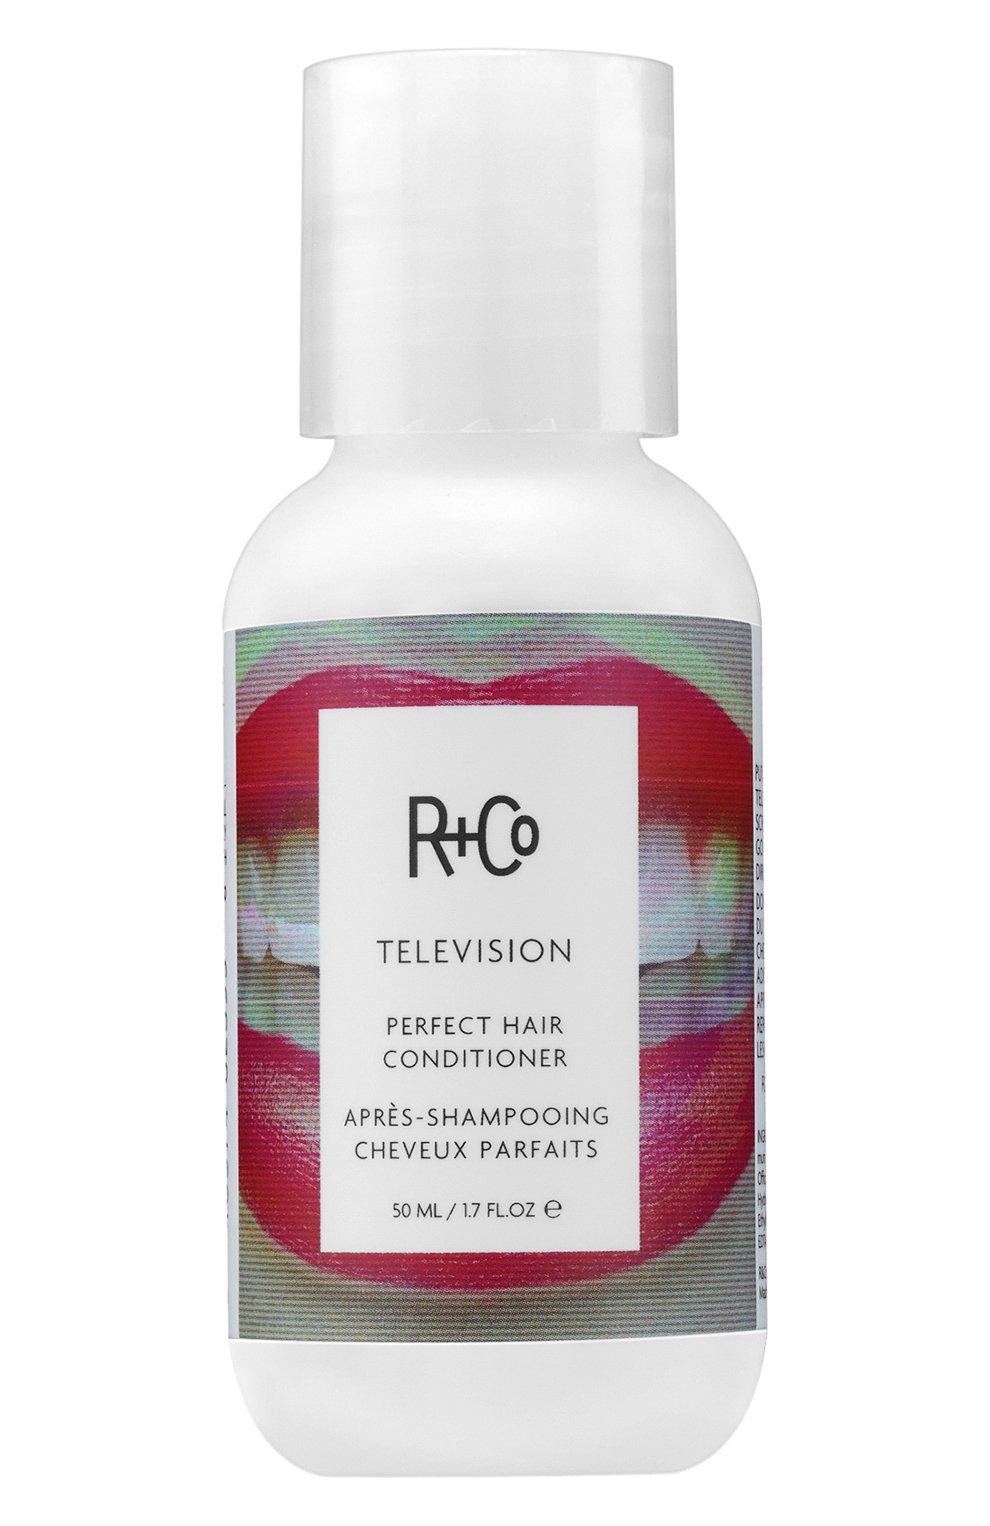 Кондиционер для совершенства волос television R+CO бесцветного цвета, арт. 810374023556   Фото 1